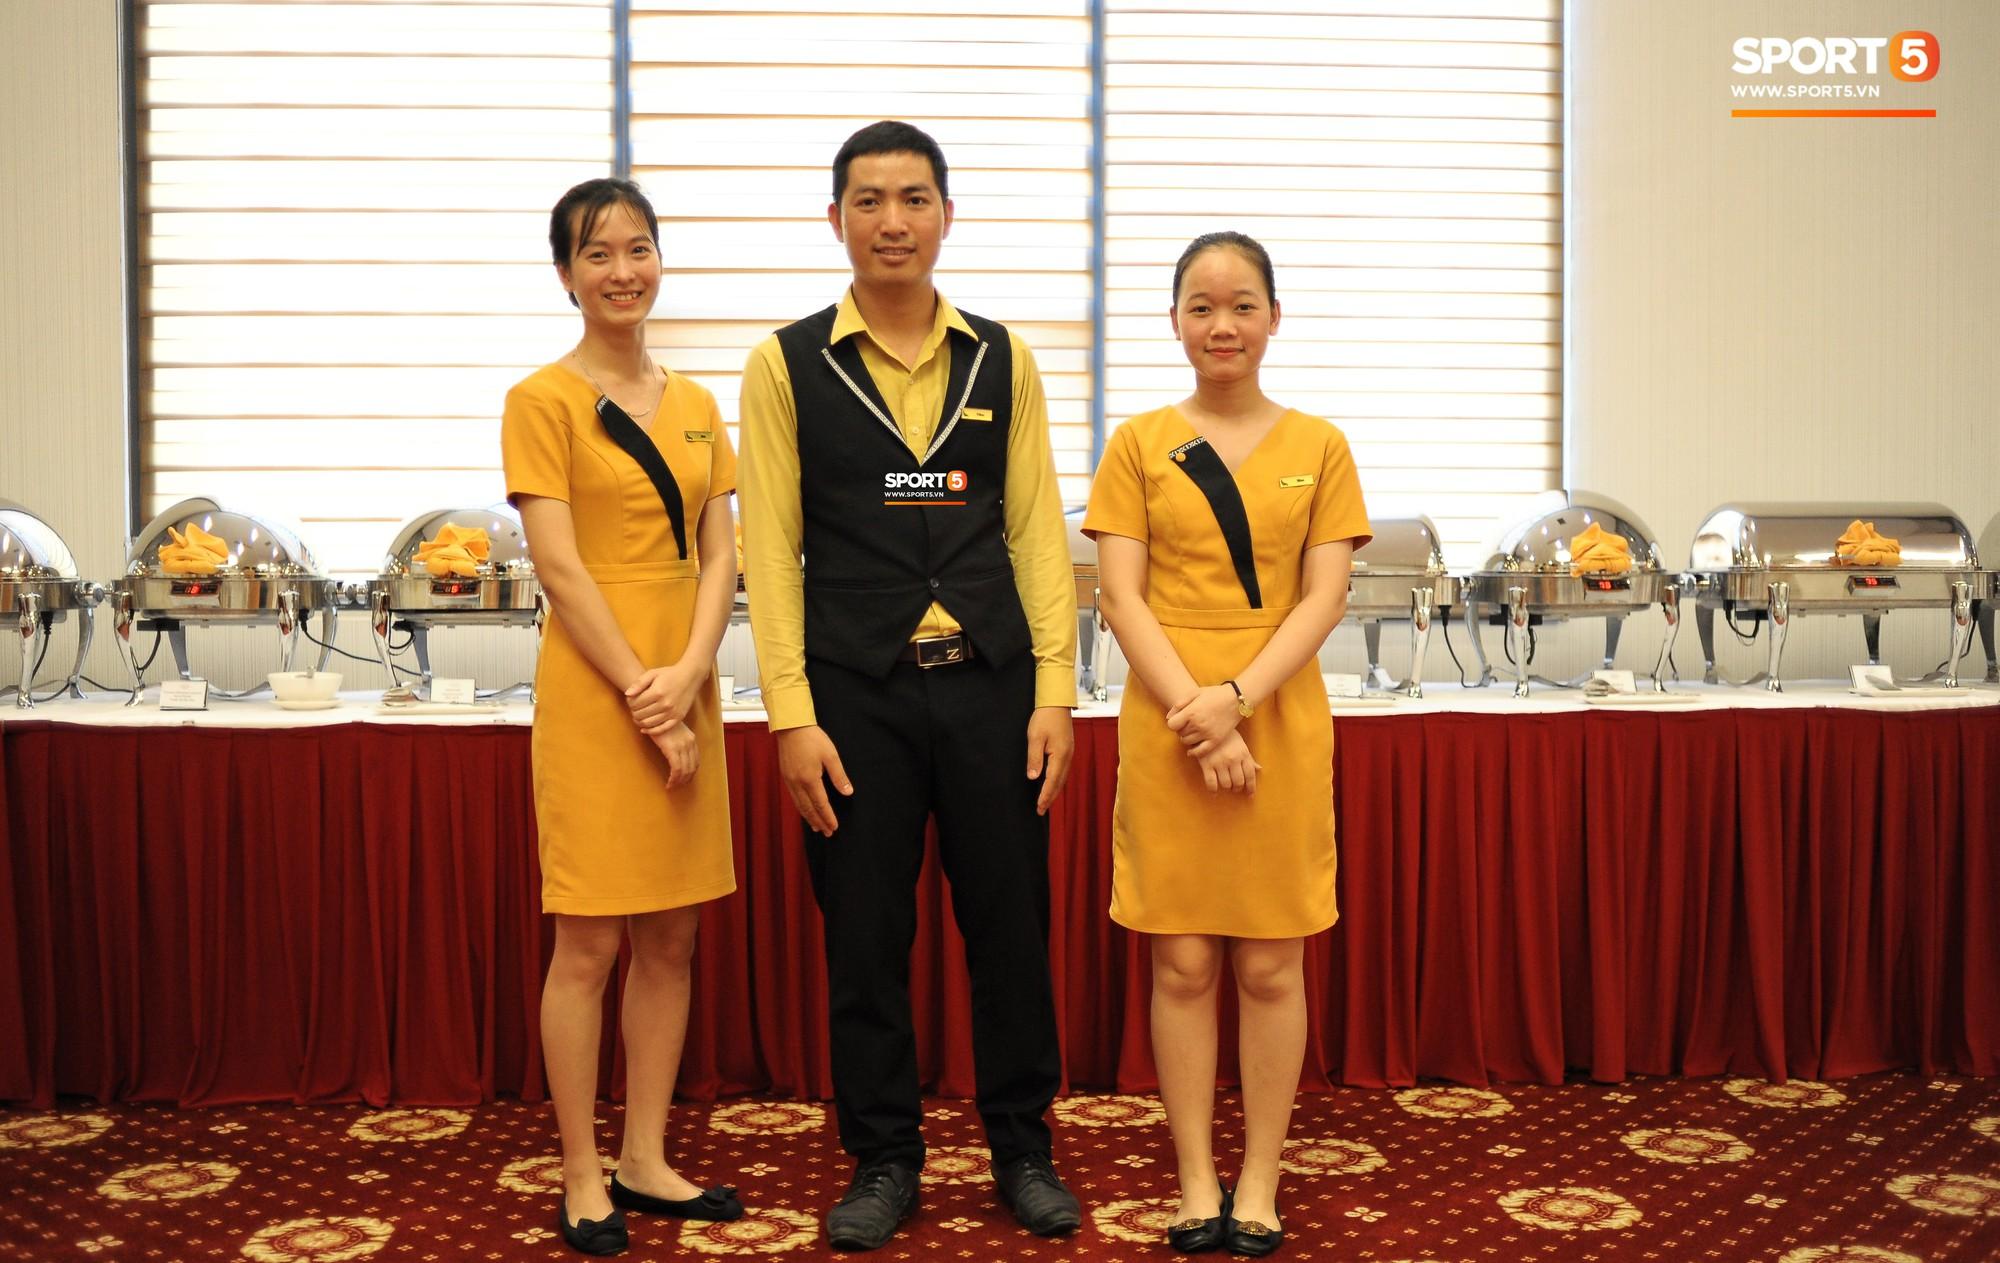 Bữa ăn đậm hương vị quê hương của các tuyển thủ tuyển Việt Nam khi đến Lào-15